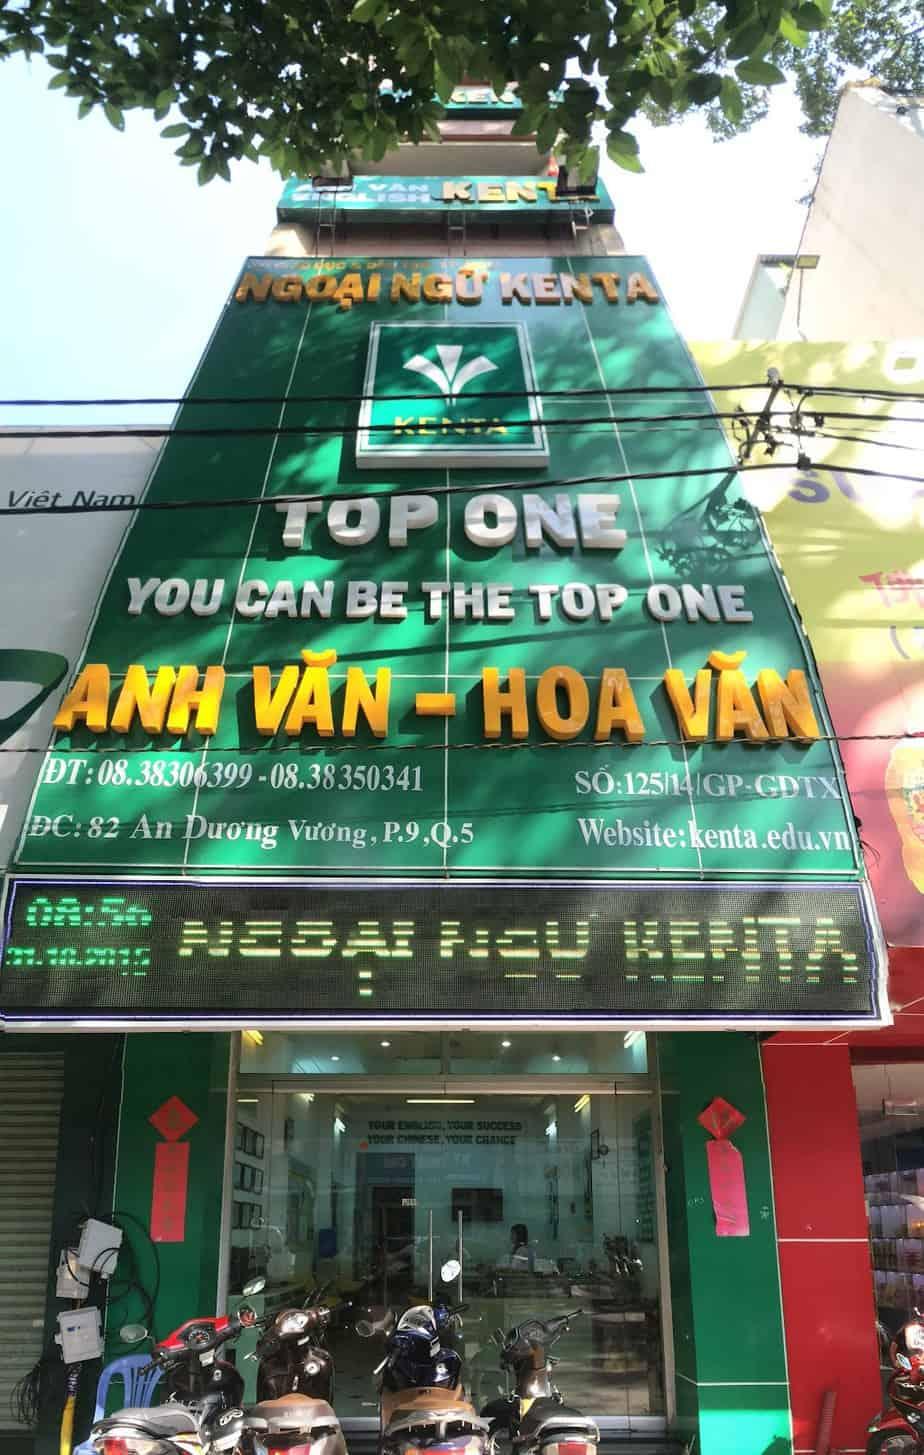 Top 10 Trung Tâm Đào Tạo Tiếng Trung Chất Lượng Ở TPHCM - - Thành Phố Hồ Chí Minh - Sài Gòn | Trung tâm CEFALT | Trung tâm Chinese 25